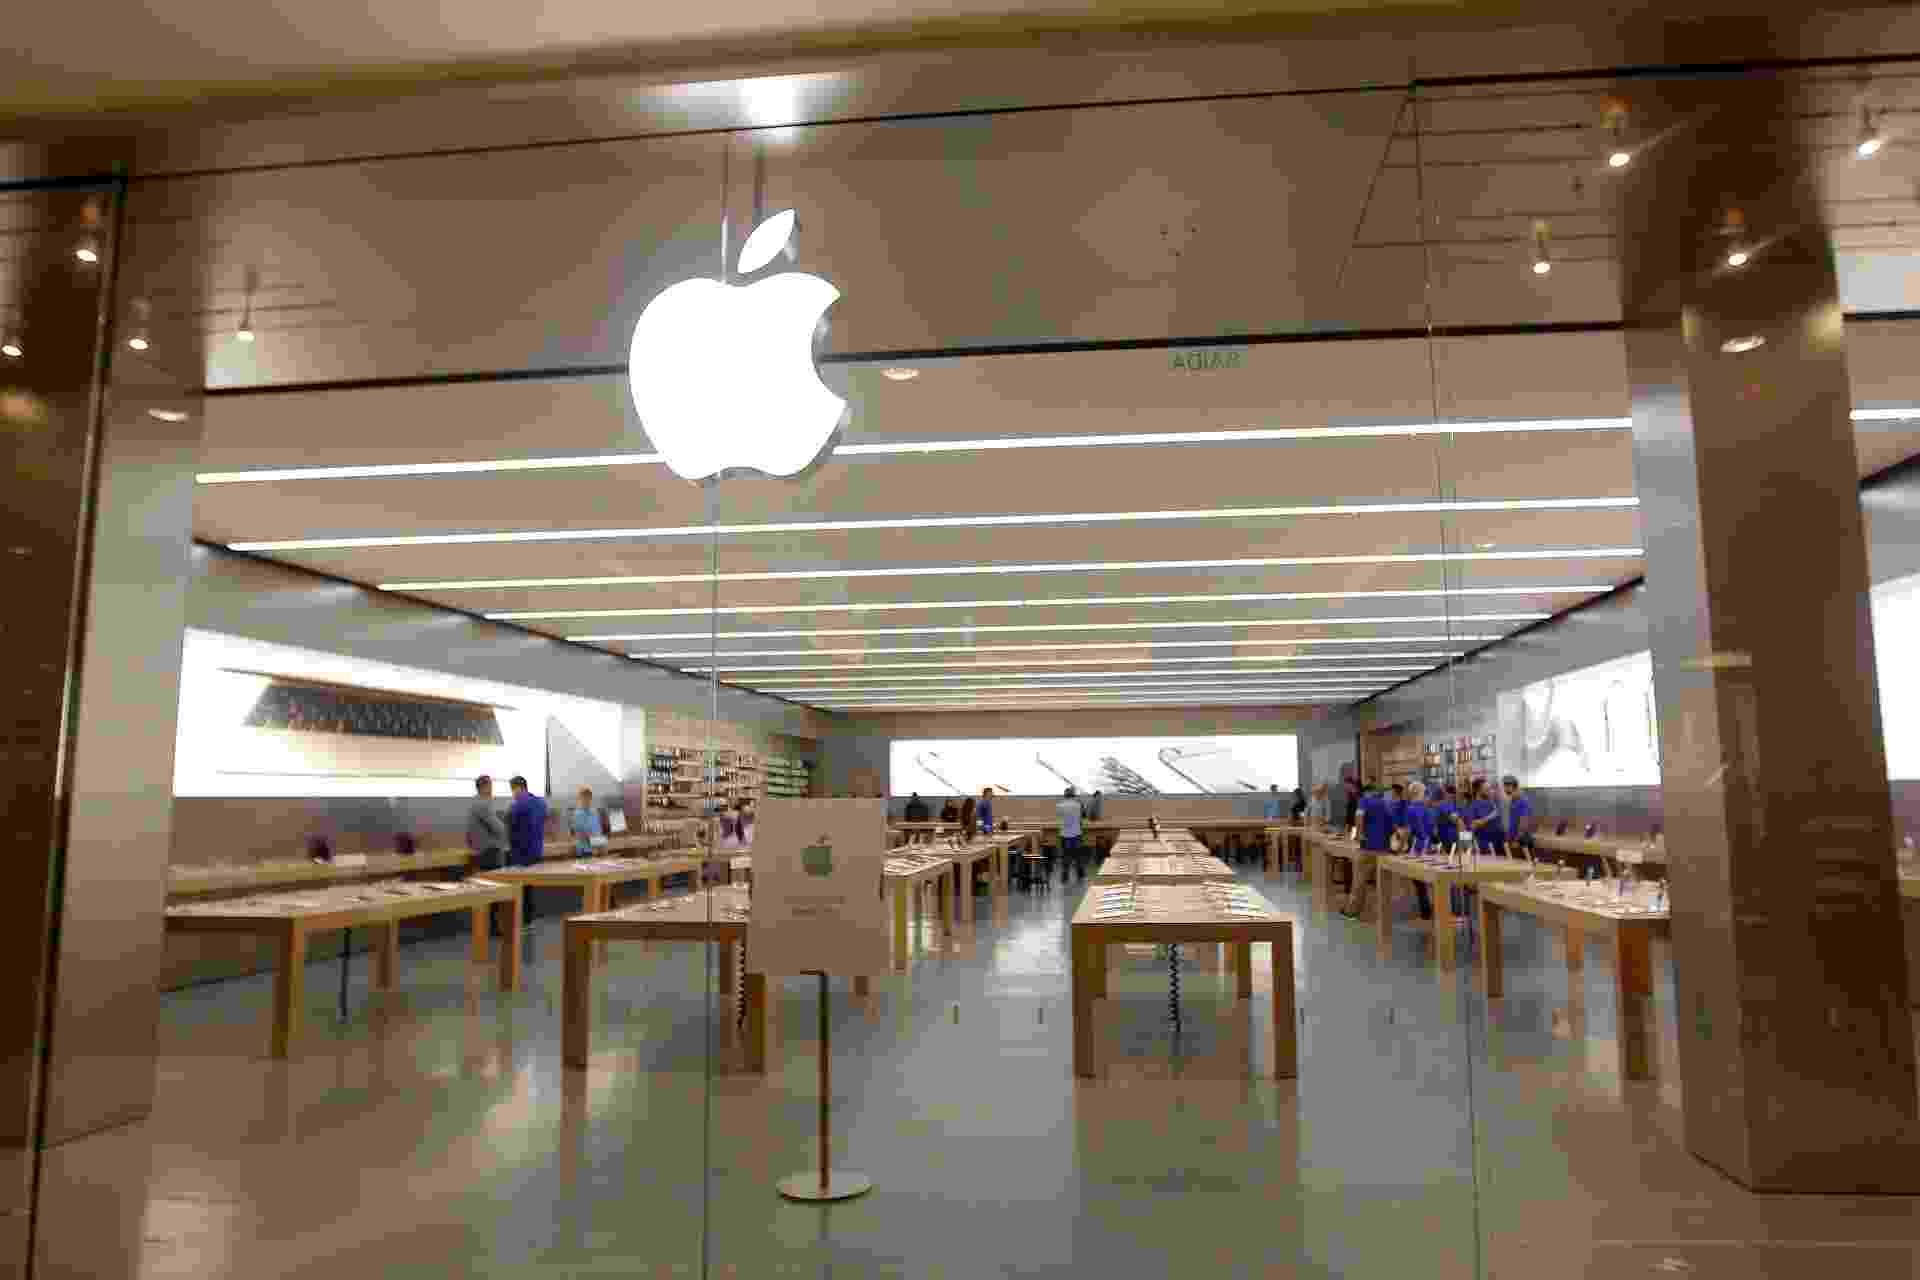 1e0703317bab6 Apple abre loja física no Brasil  conheça seus estabelecimentos pelo mundo